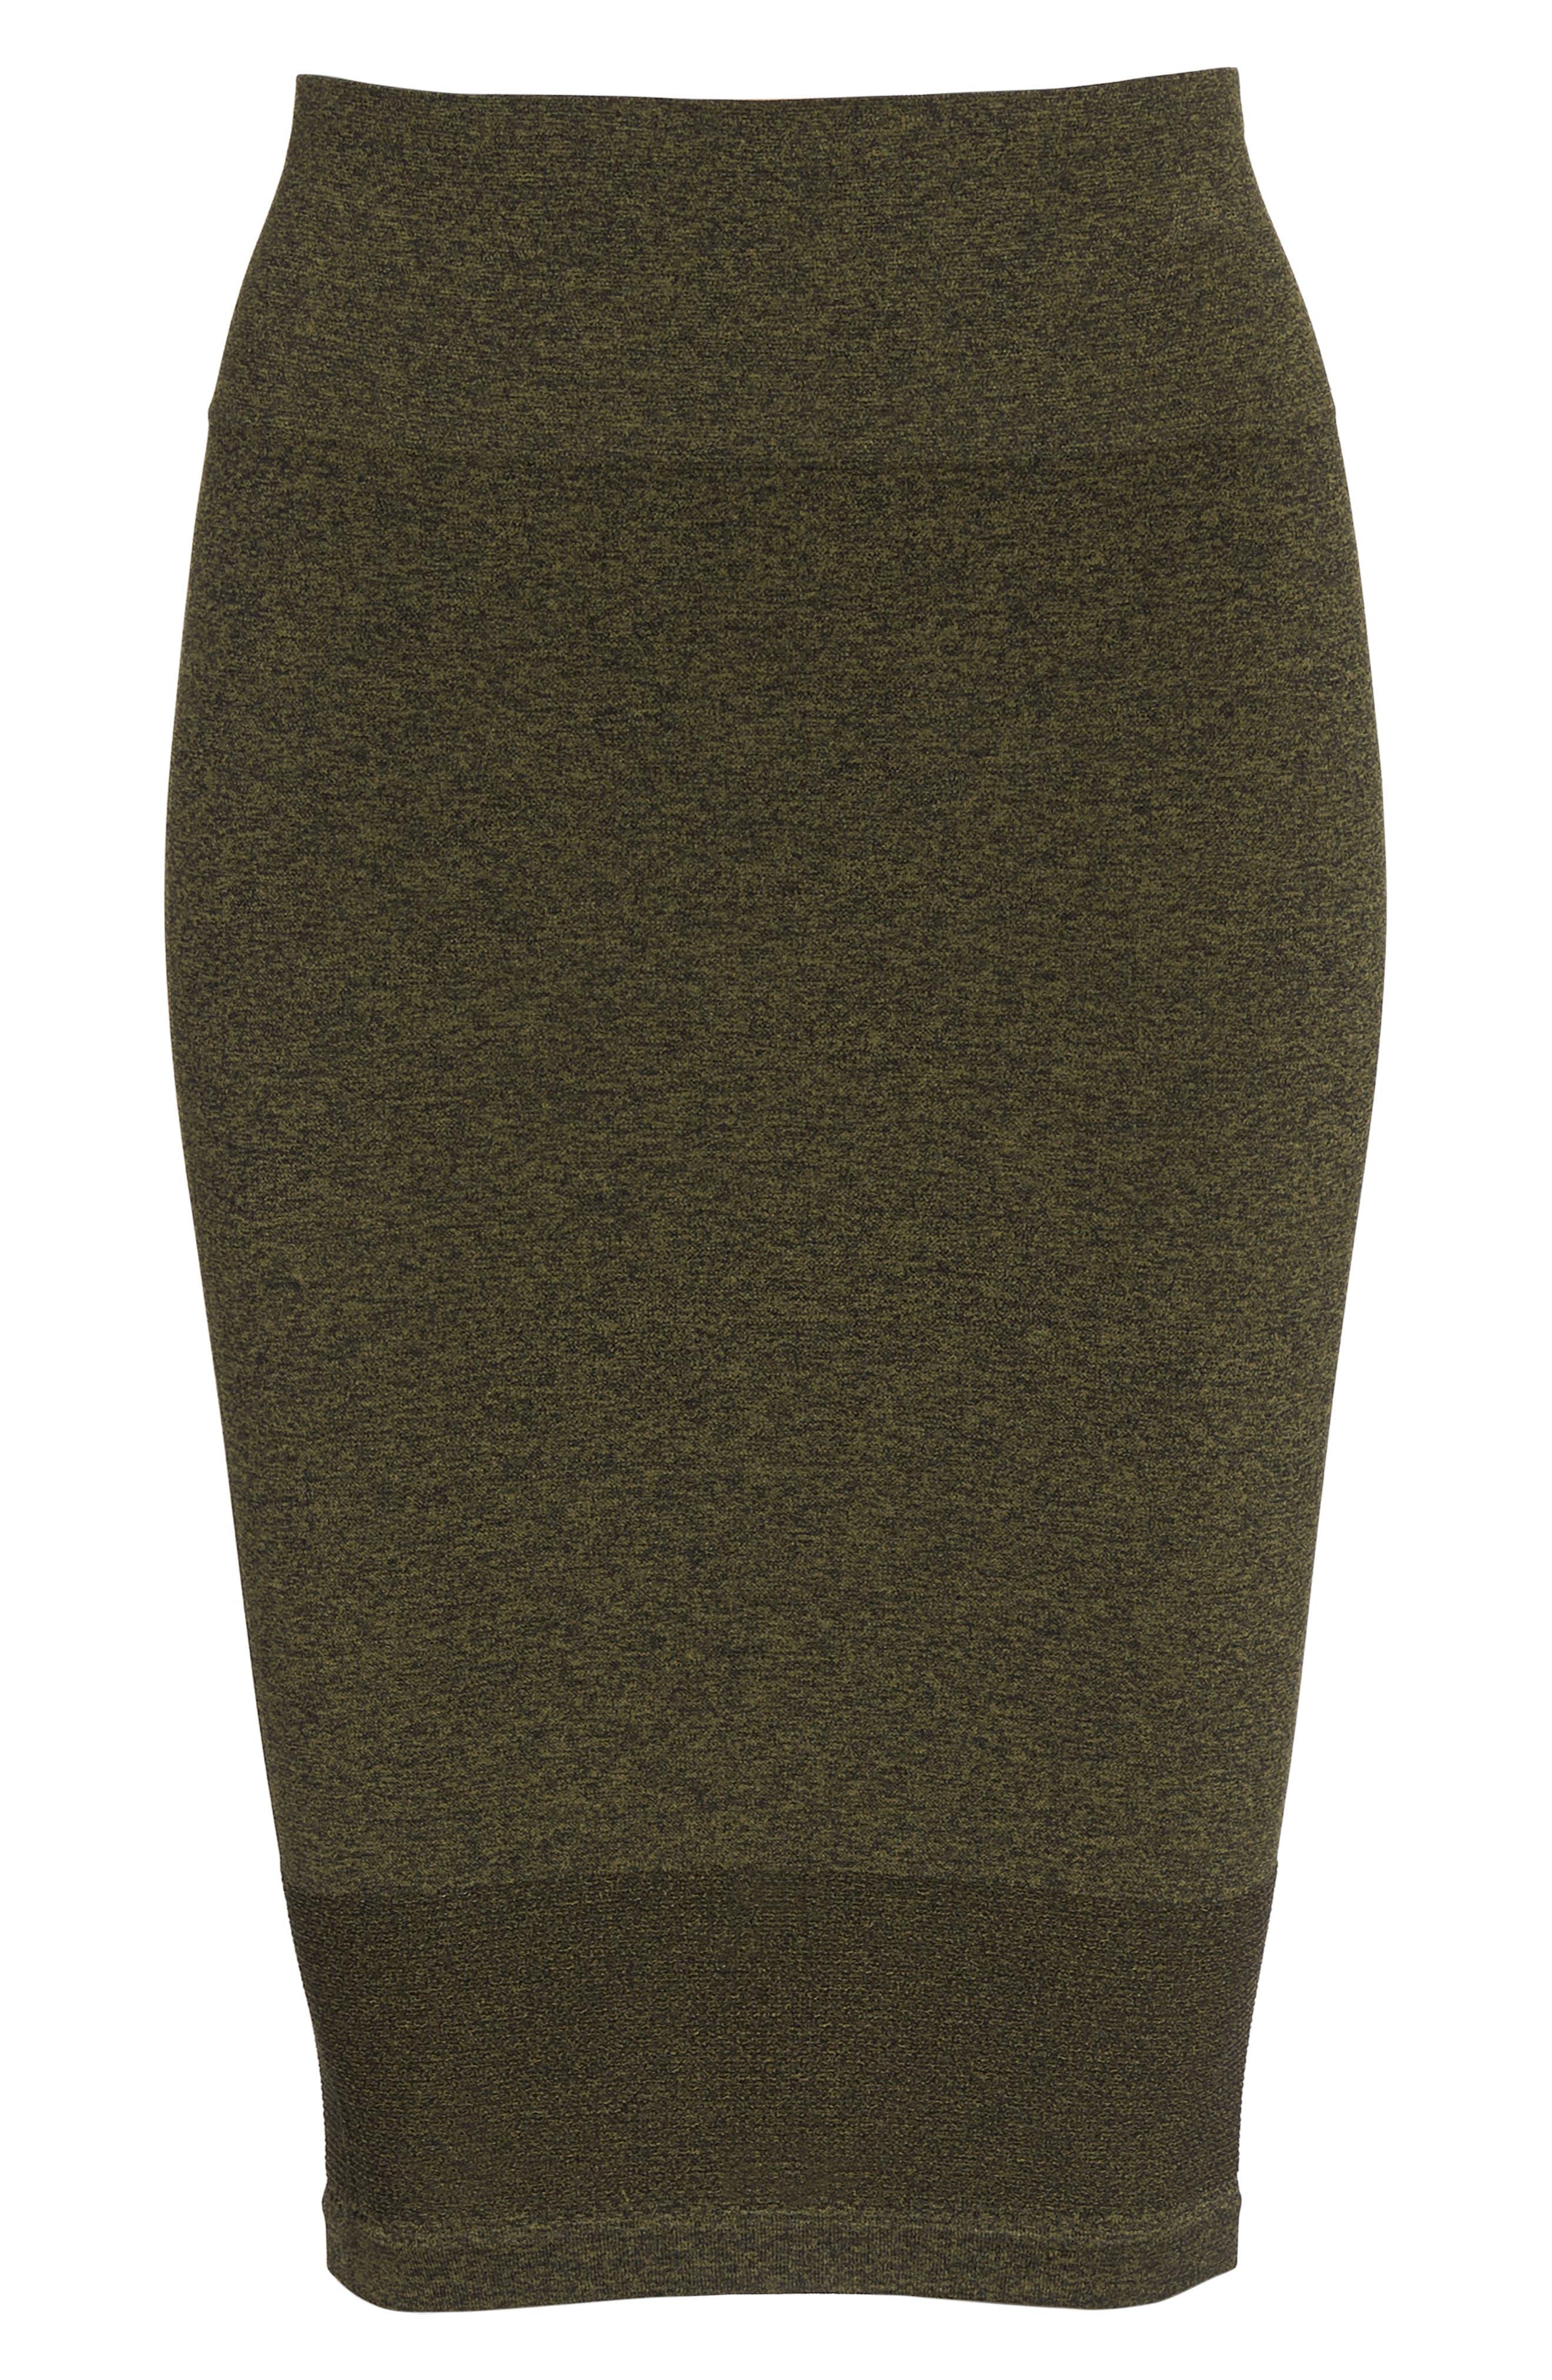 Aura Seamless Skirt,                             Alternate thumbnail 7, color,                             Deep Lichen Green/ Black